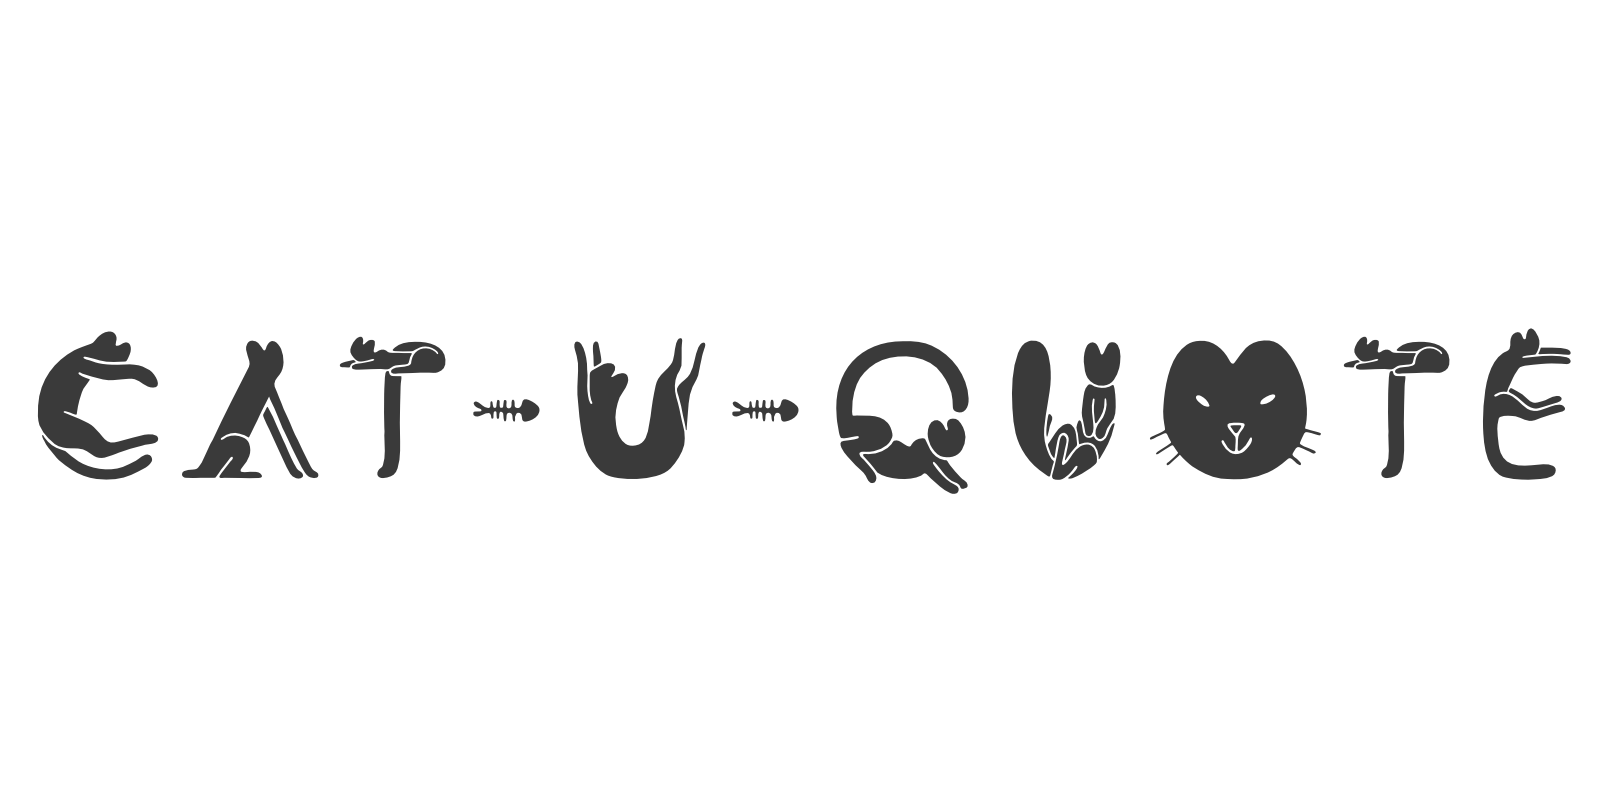 Cat-U-Quote